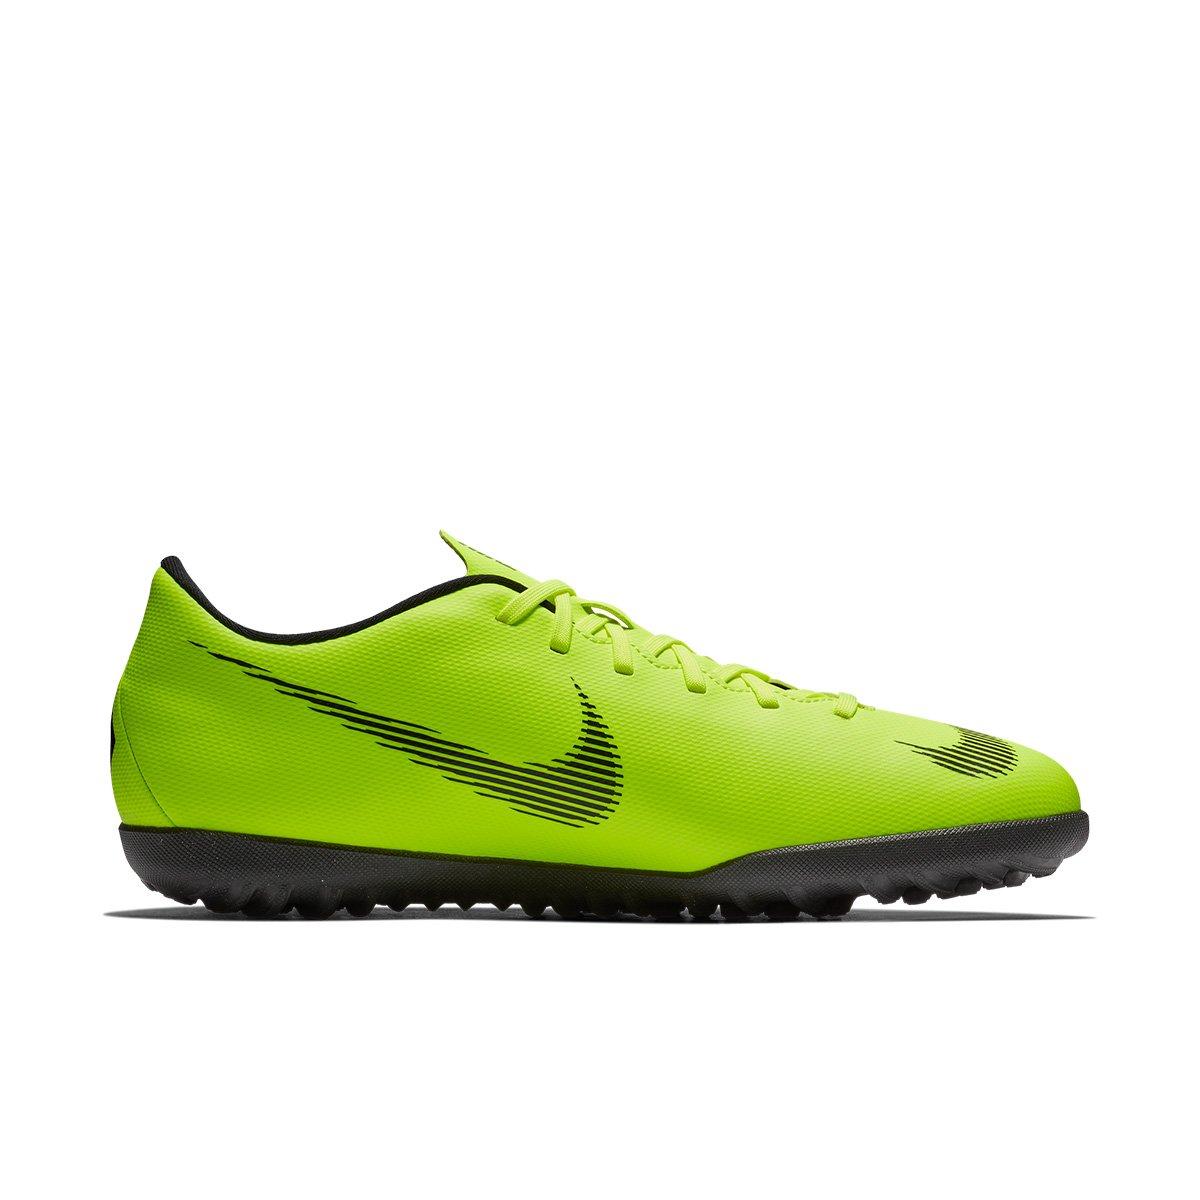 a8640c587b8ee Chuteira Nike Society Mercurial Vapor 12 Club - Verde e Preto - Compre  Agora